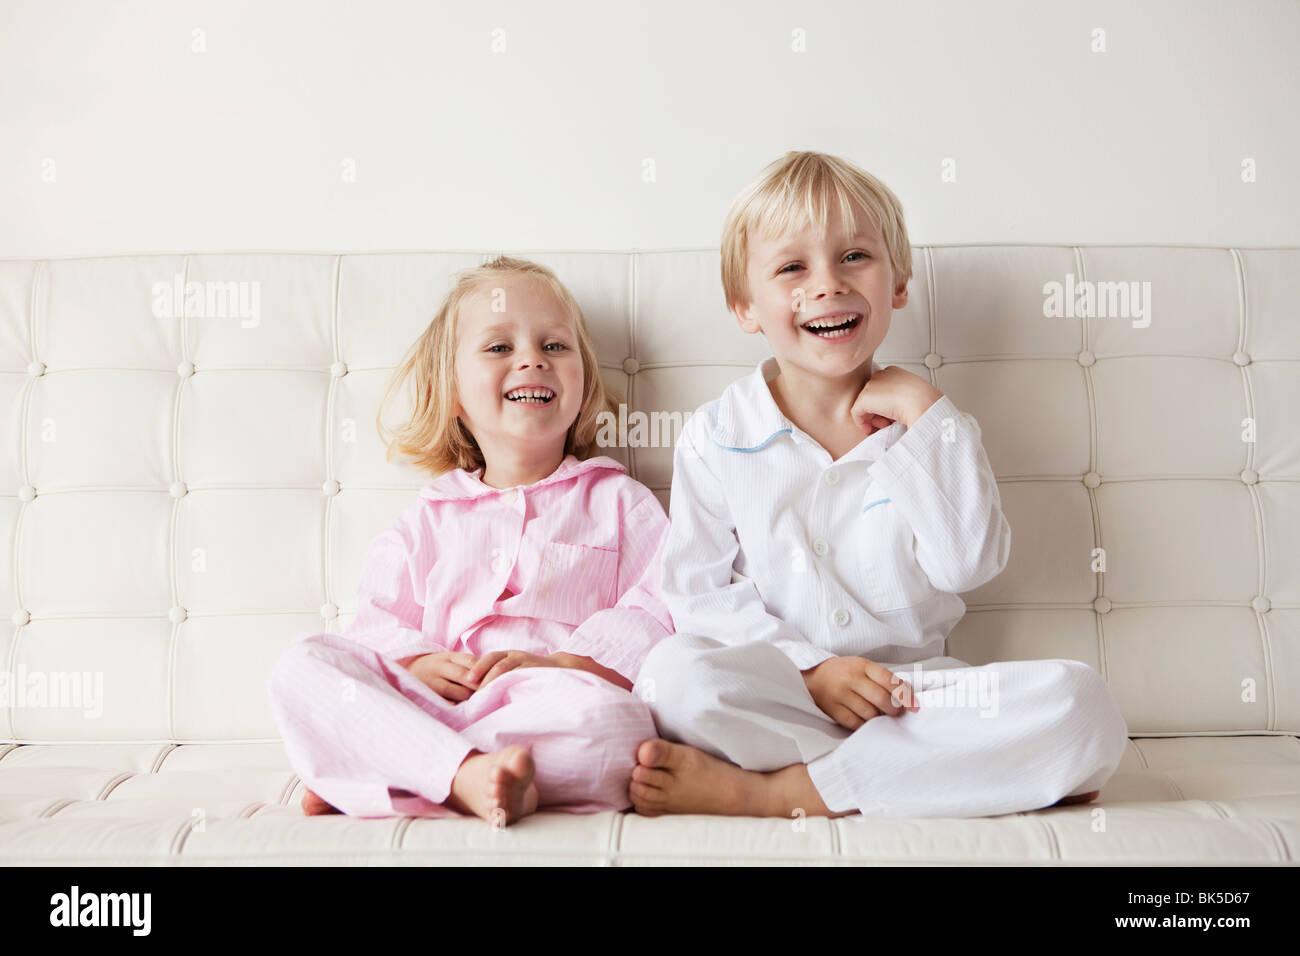 Les jeunes enfants en pyjama, assis sur le canapé Photo Stock